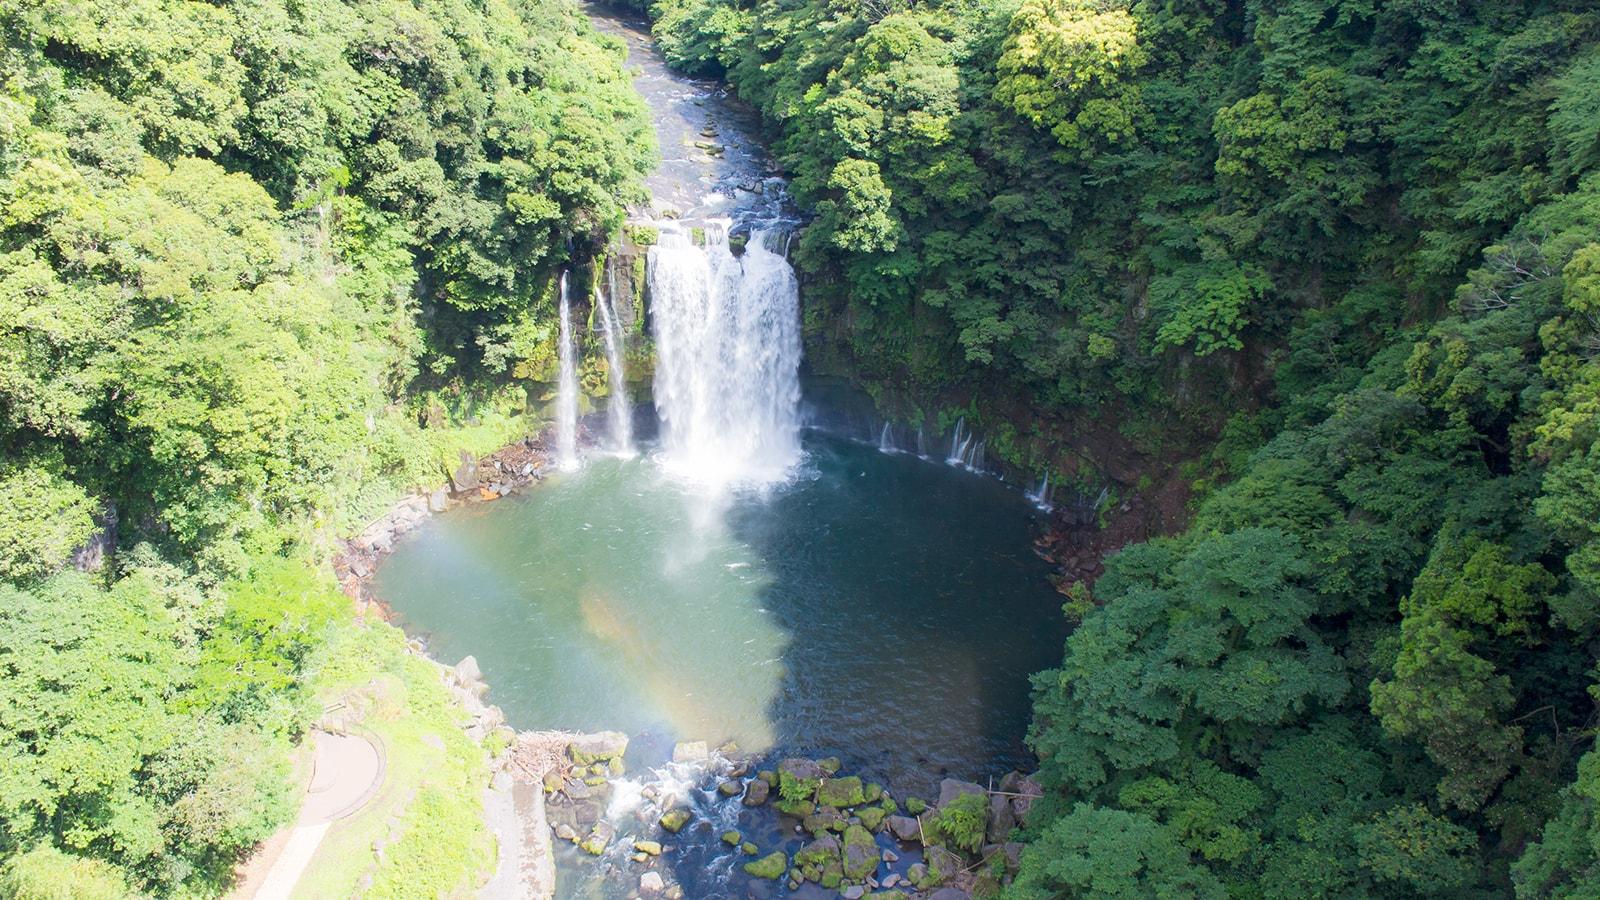 虹のつり橋から見下ろす神川大滝には、その名の通り虹がかかる - - 鹿児島県南錦江町の観光、撮影スポット- -